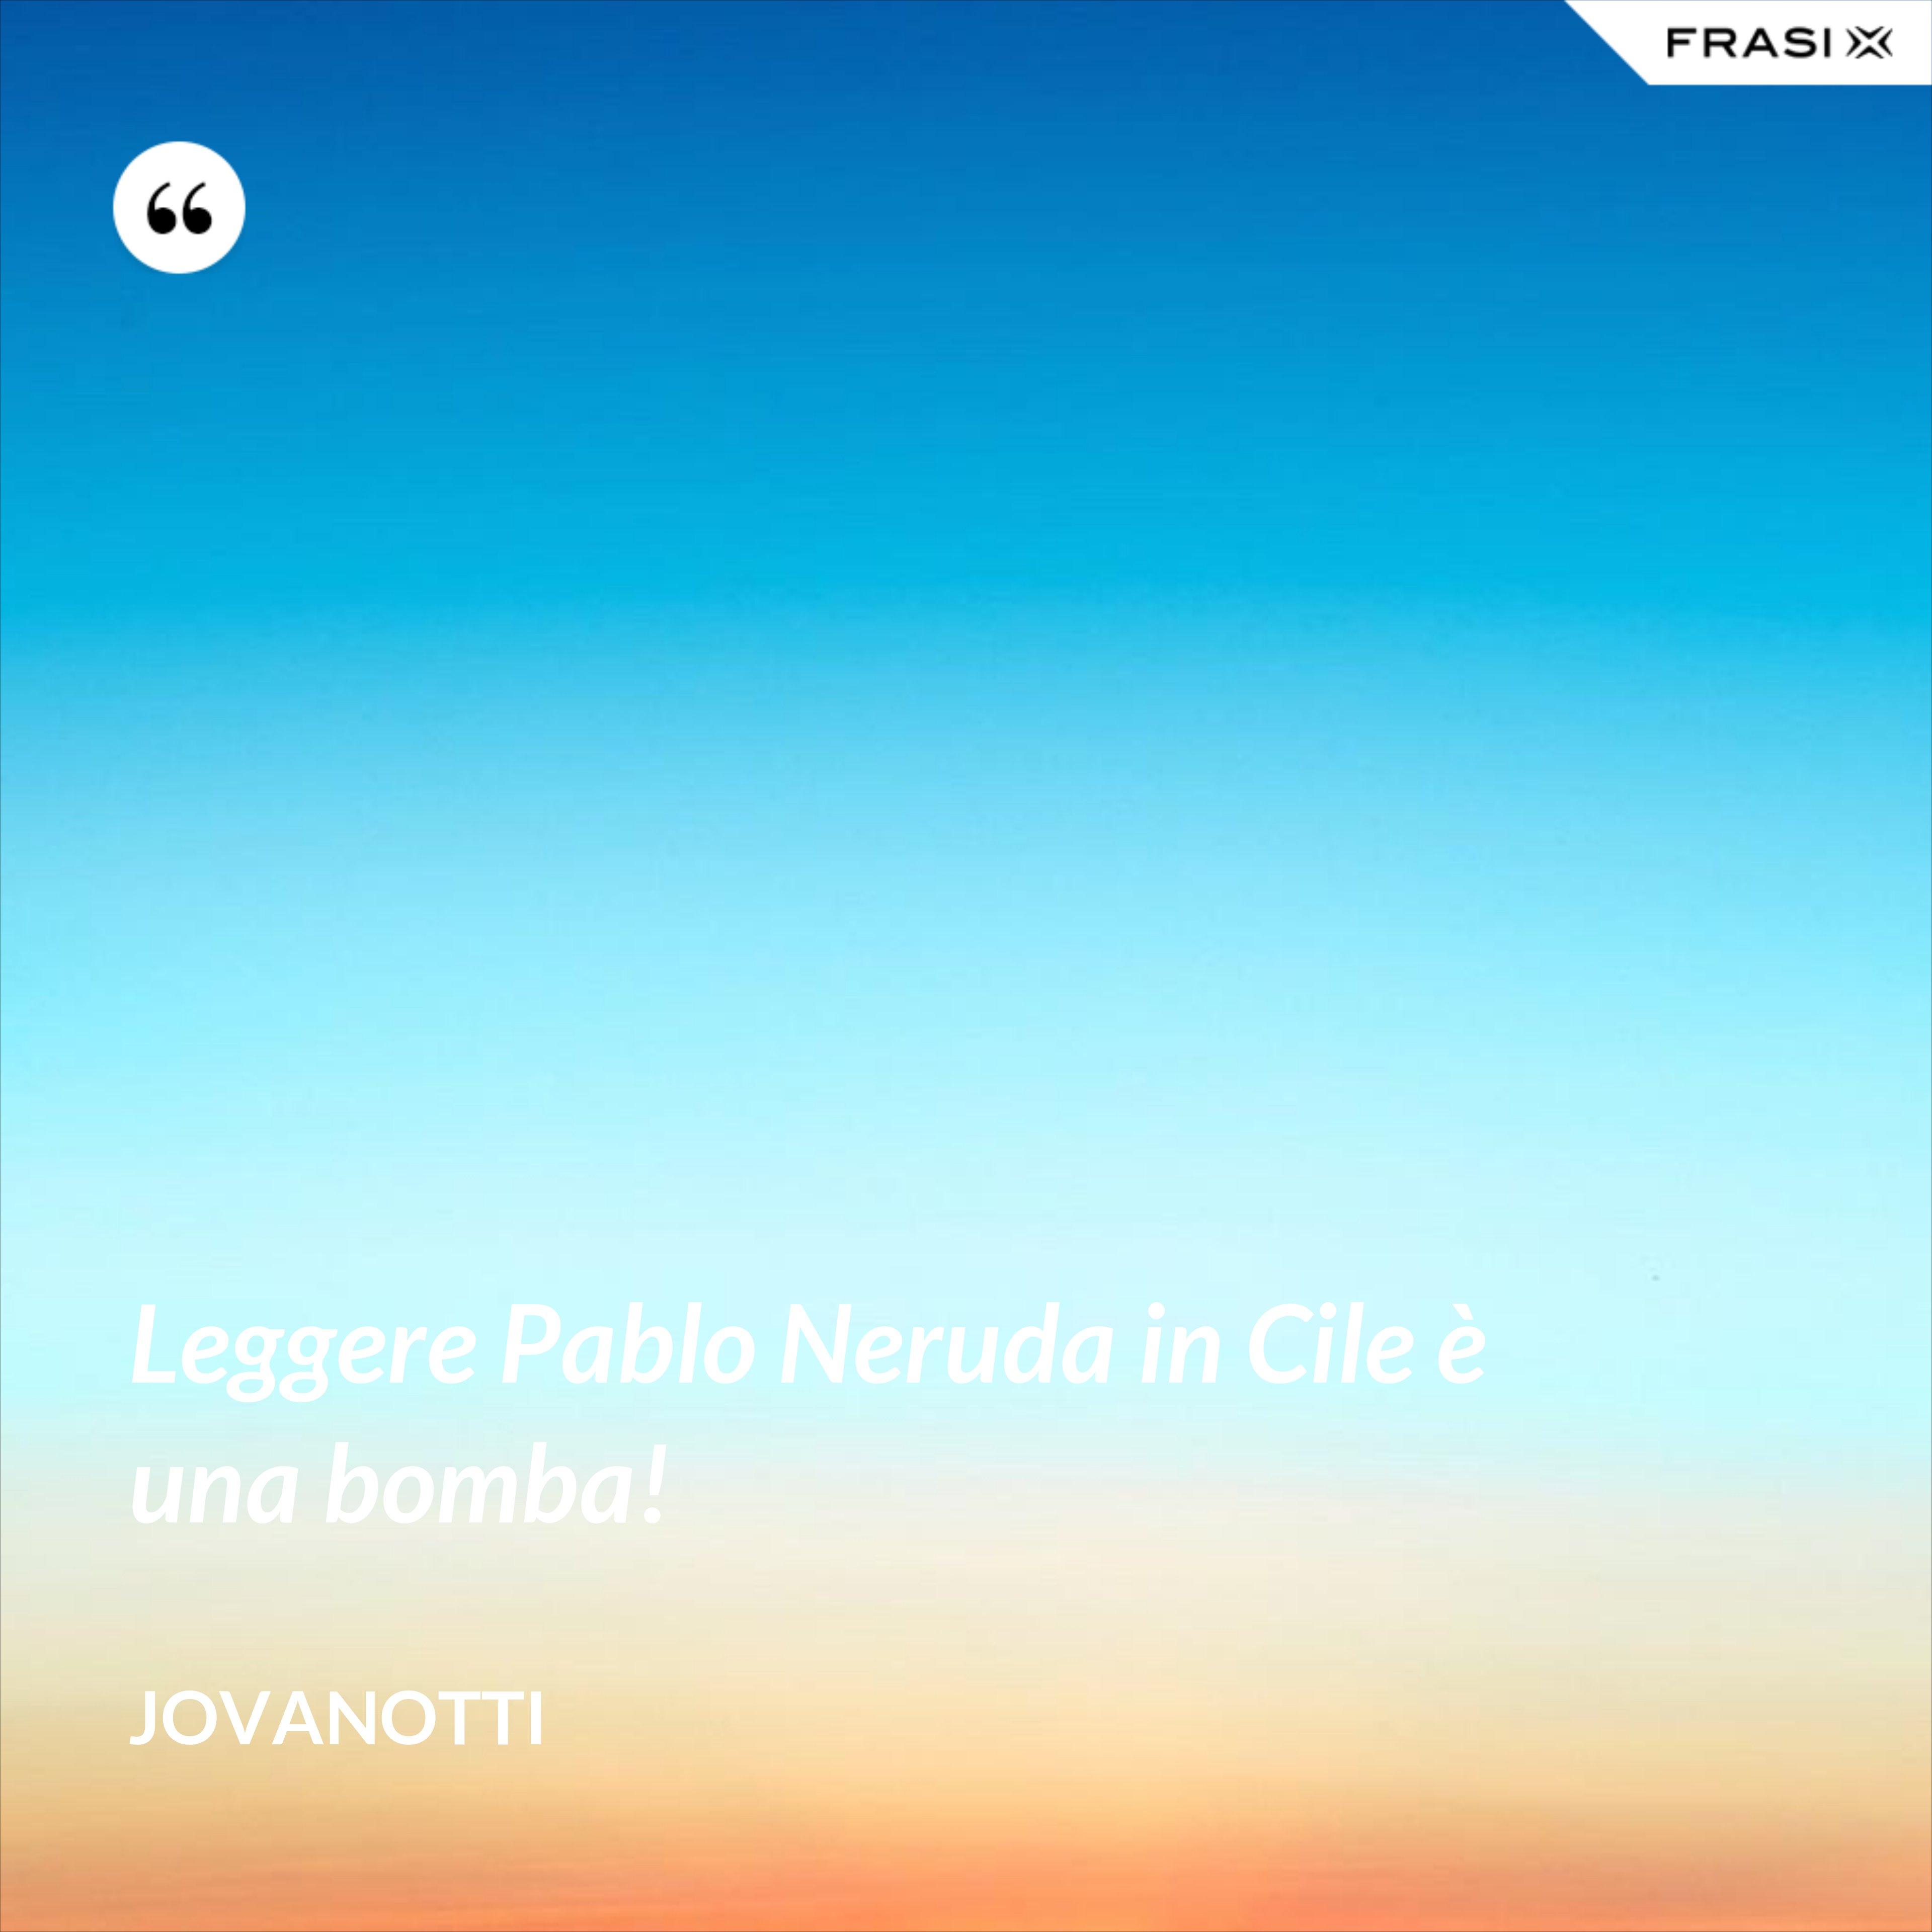 Leggere Pablo Neruda in Cile è una bomba! - Jovanotti